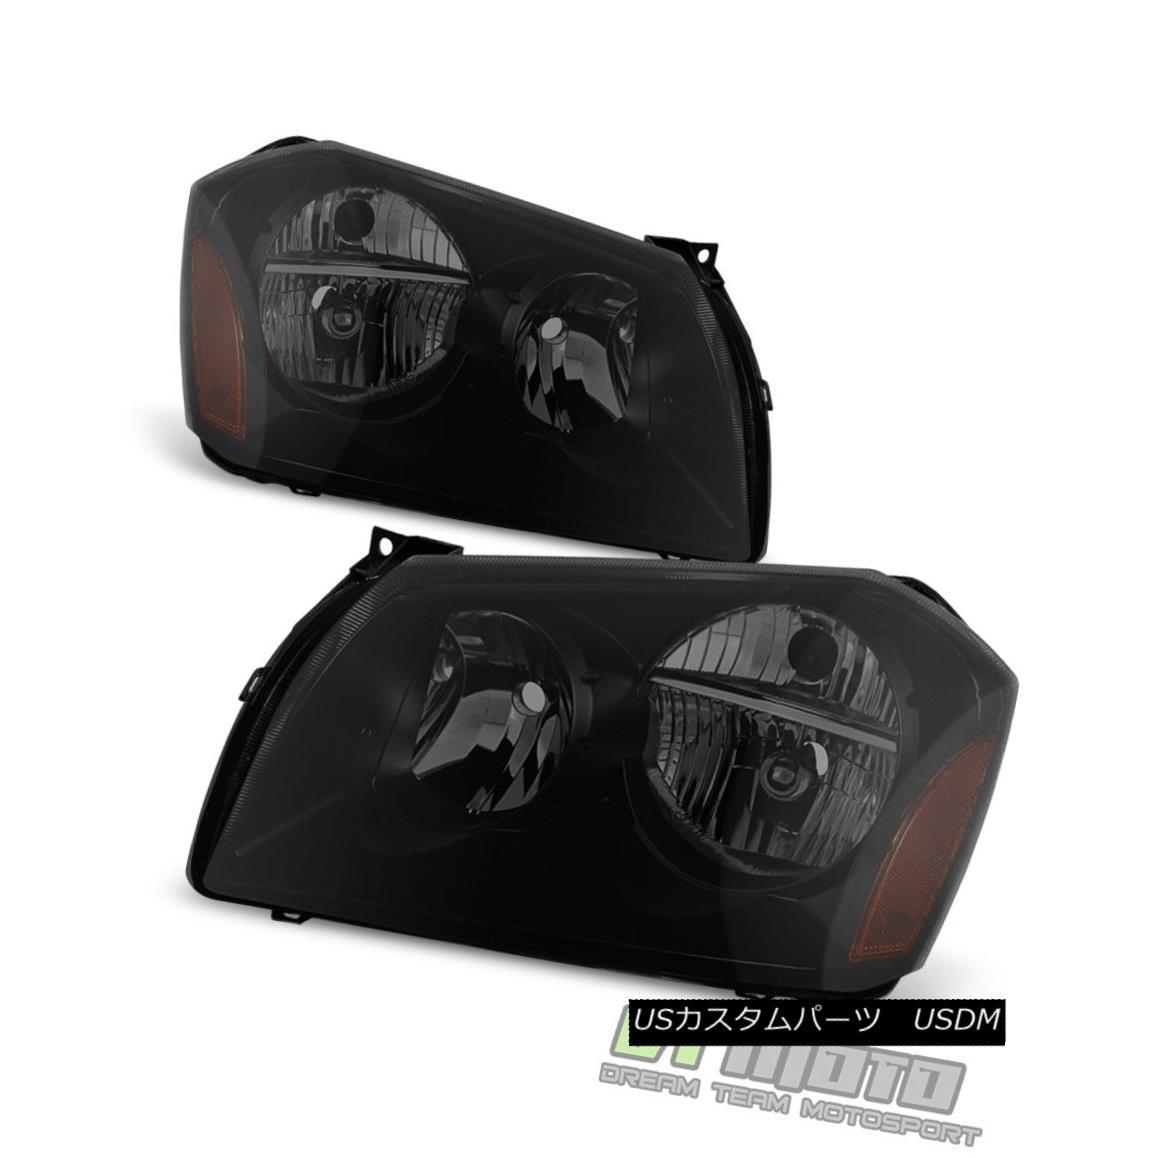 ヘッドライト Black Smoke 2005-2007 Dodge Magnum SE SRT SXT RT Headlights Headlamps Left+Right ブラックスモーク2005-2007ドッジマグナムSE SRT SXT RTヘッドライトヘッドランプ左+右